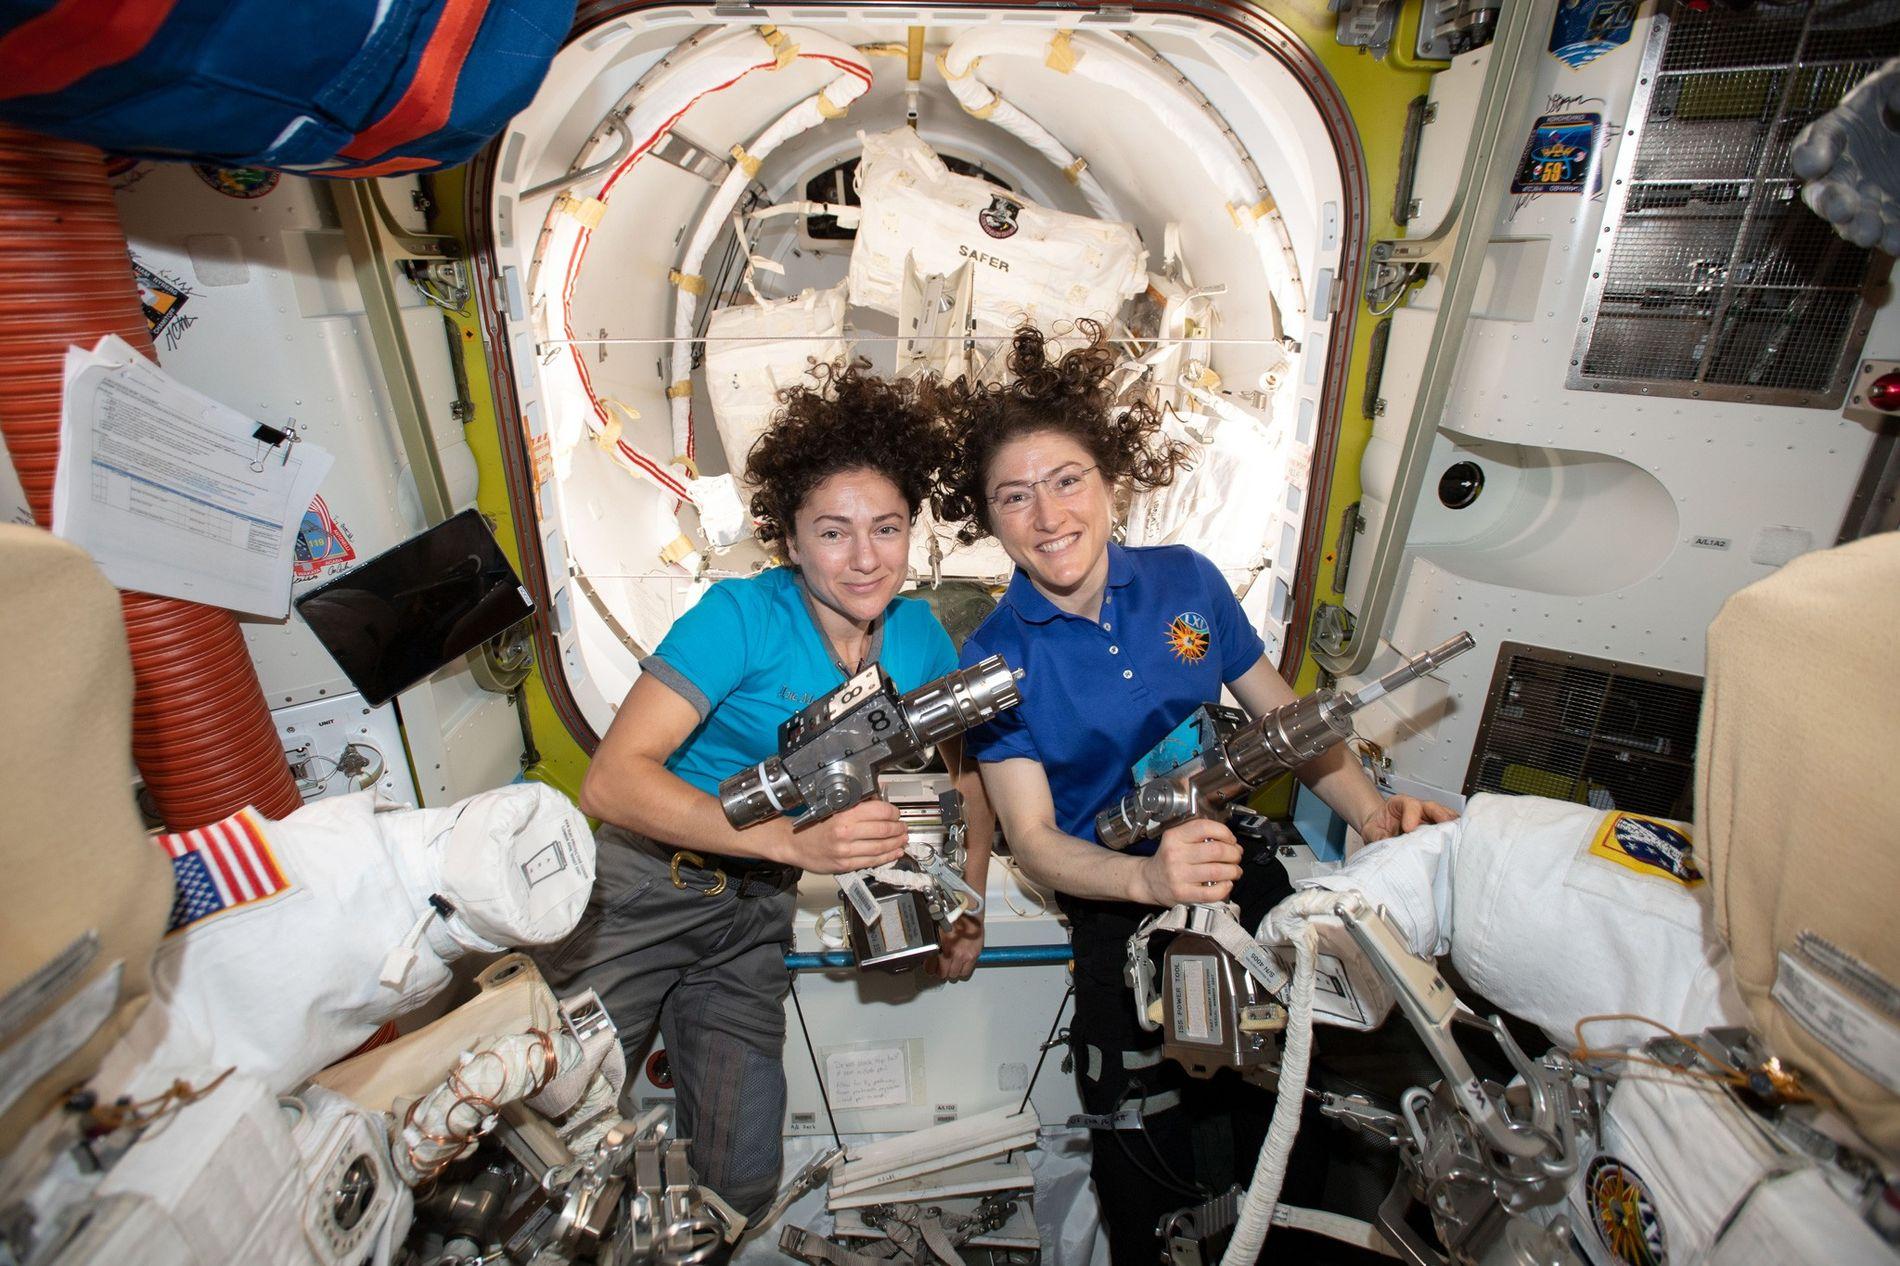 Les astronautes de la NASA Jessica Meir (à gauche) et Christina Koch prennent la pose à l'intérieur du sas du module Quest de la Station spatiale internationale pendant qu'elles préparent les combinaisons spatiales et les outils qu'elles utiliseront lors de leur sortie historique dans l'espace le 18 octobre.